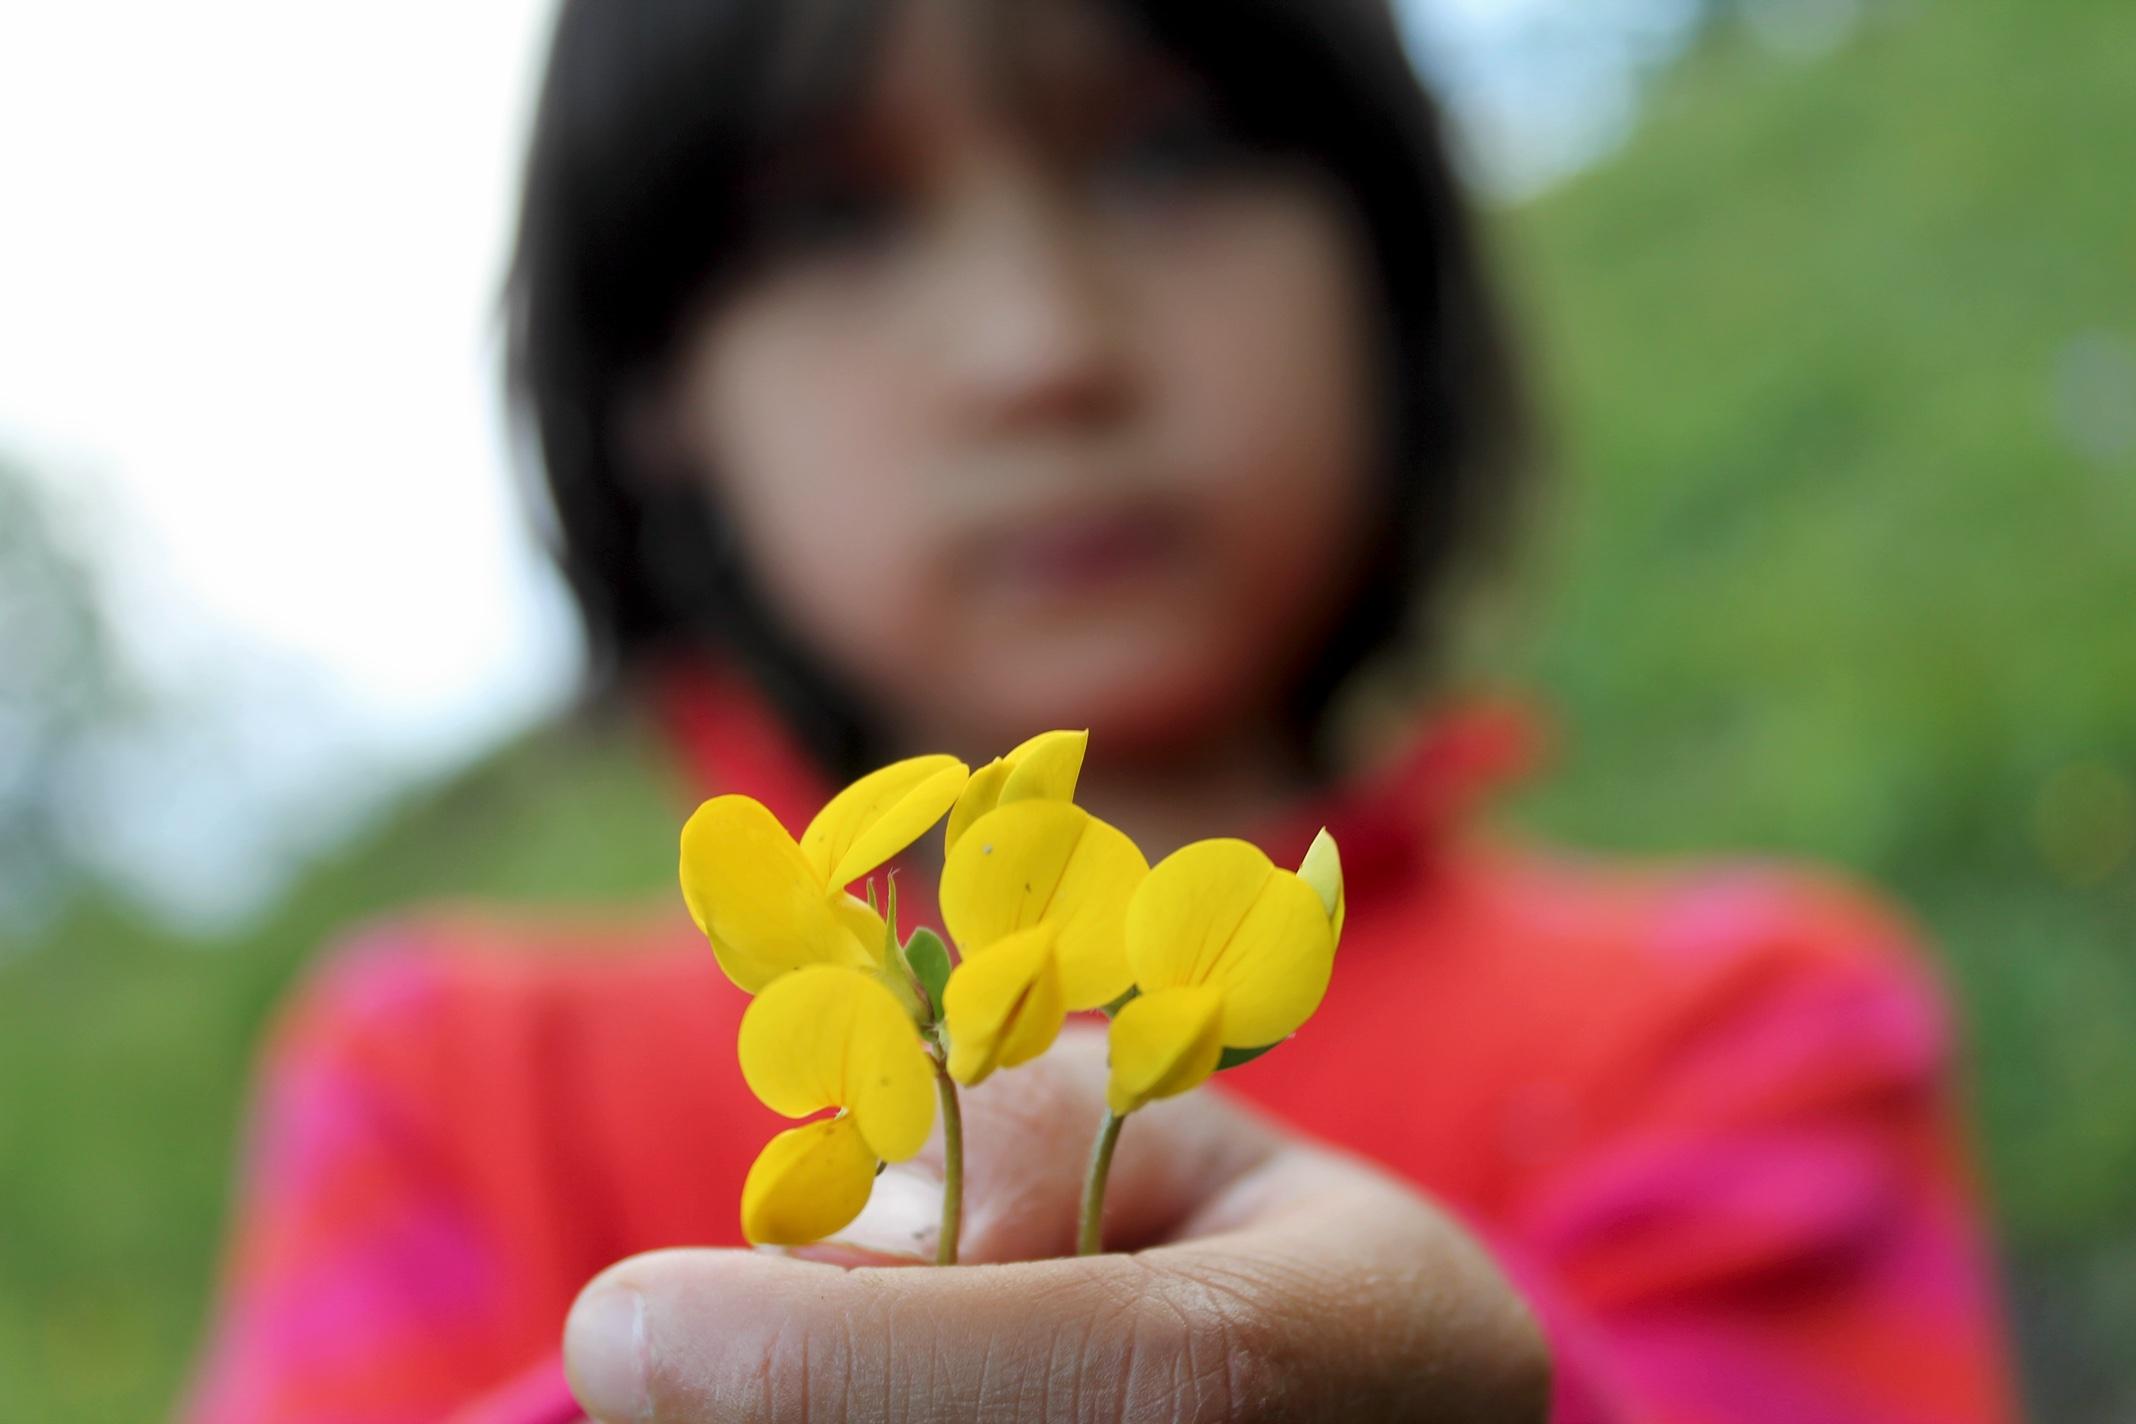 Ayah på fjellet Vetten med blomster